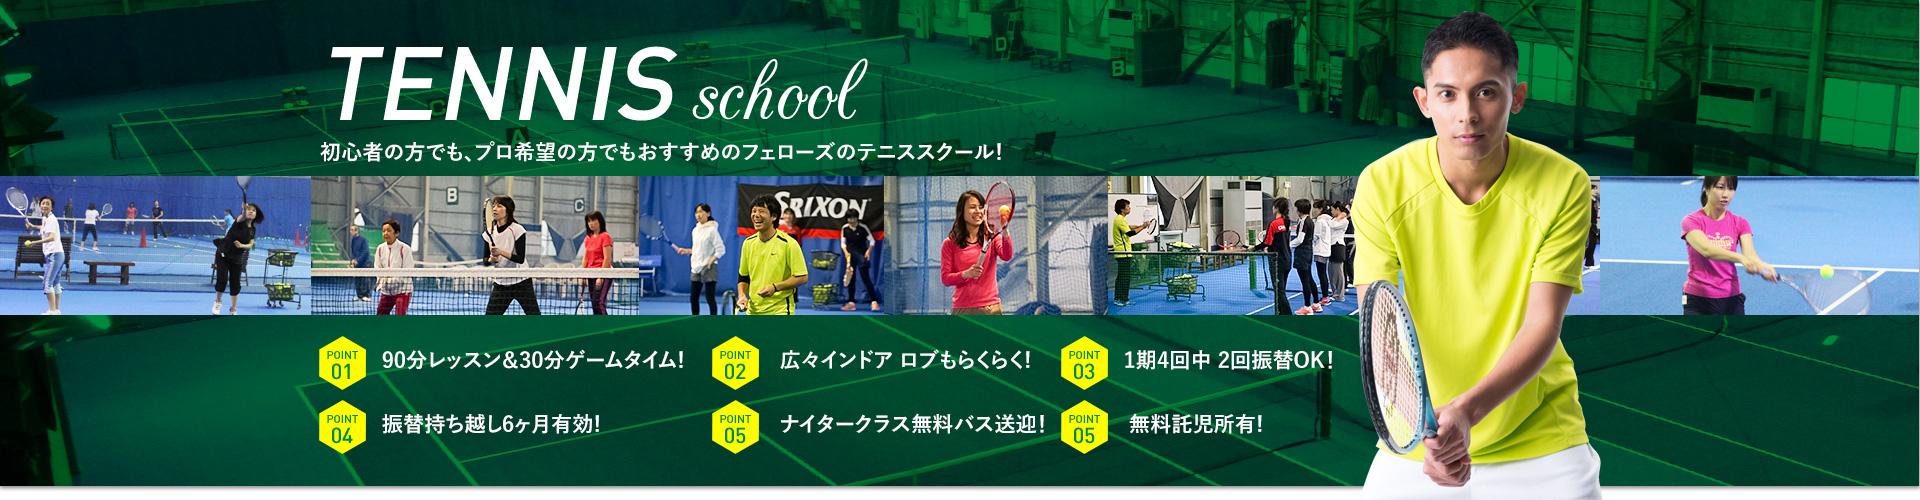 初心者の方でも、プロ希望の方でもおすすめのフェローズのテニススクール! 浦安校・南船橋校